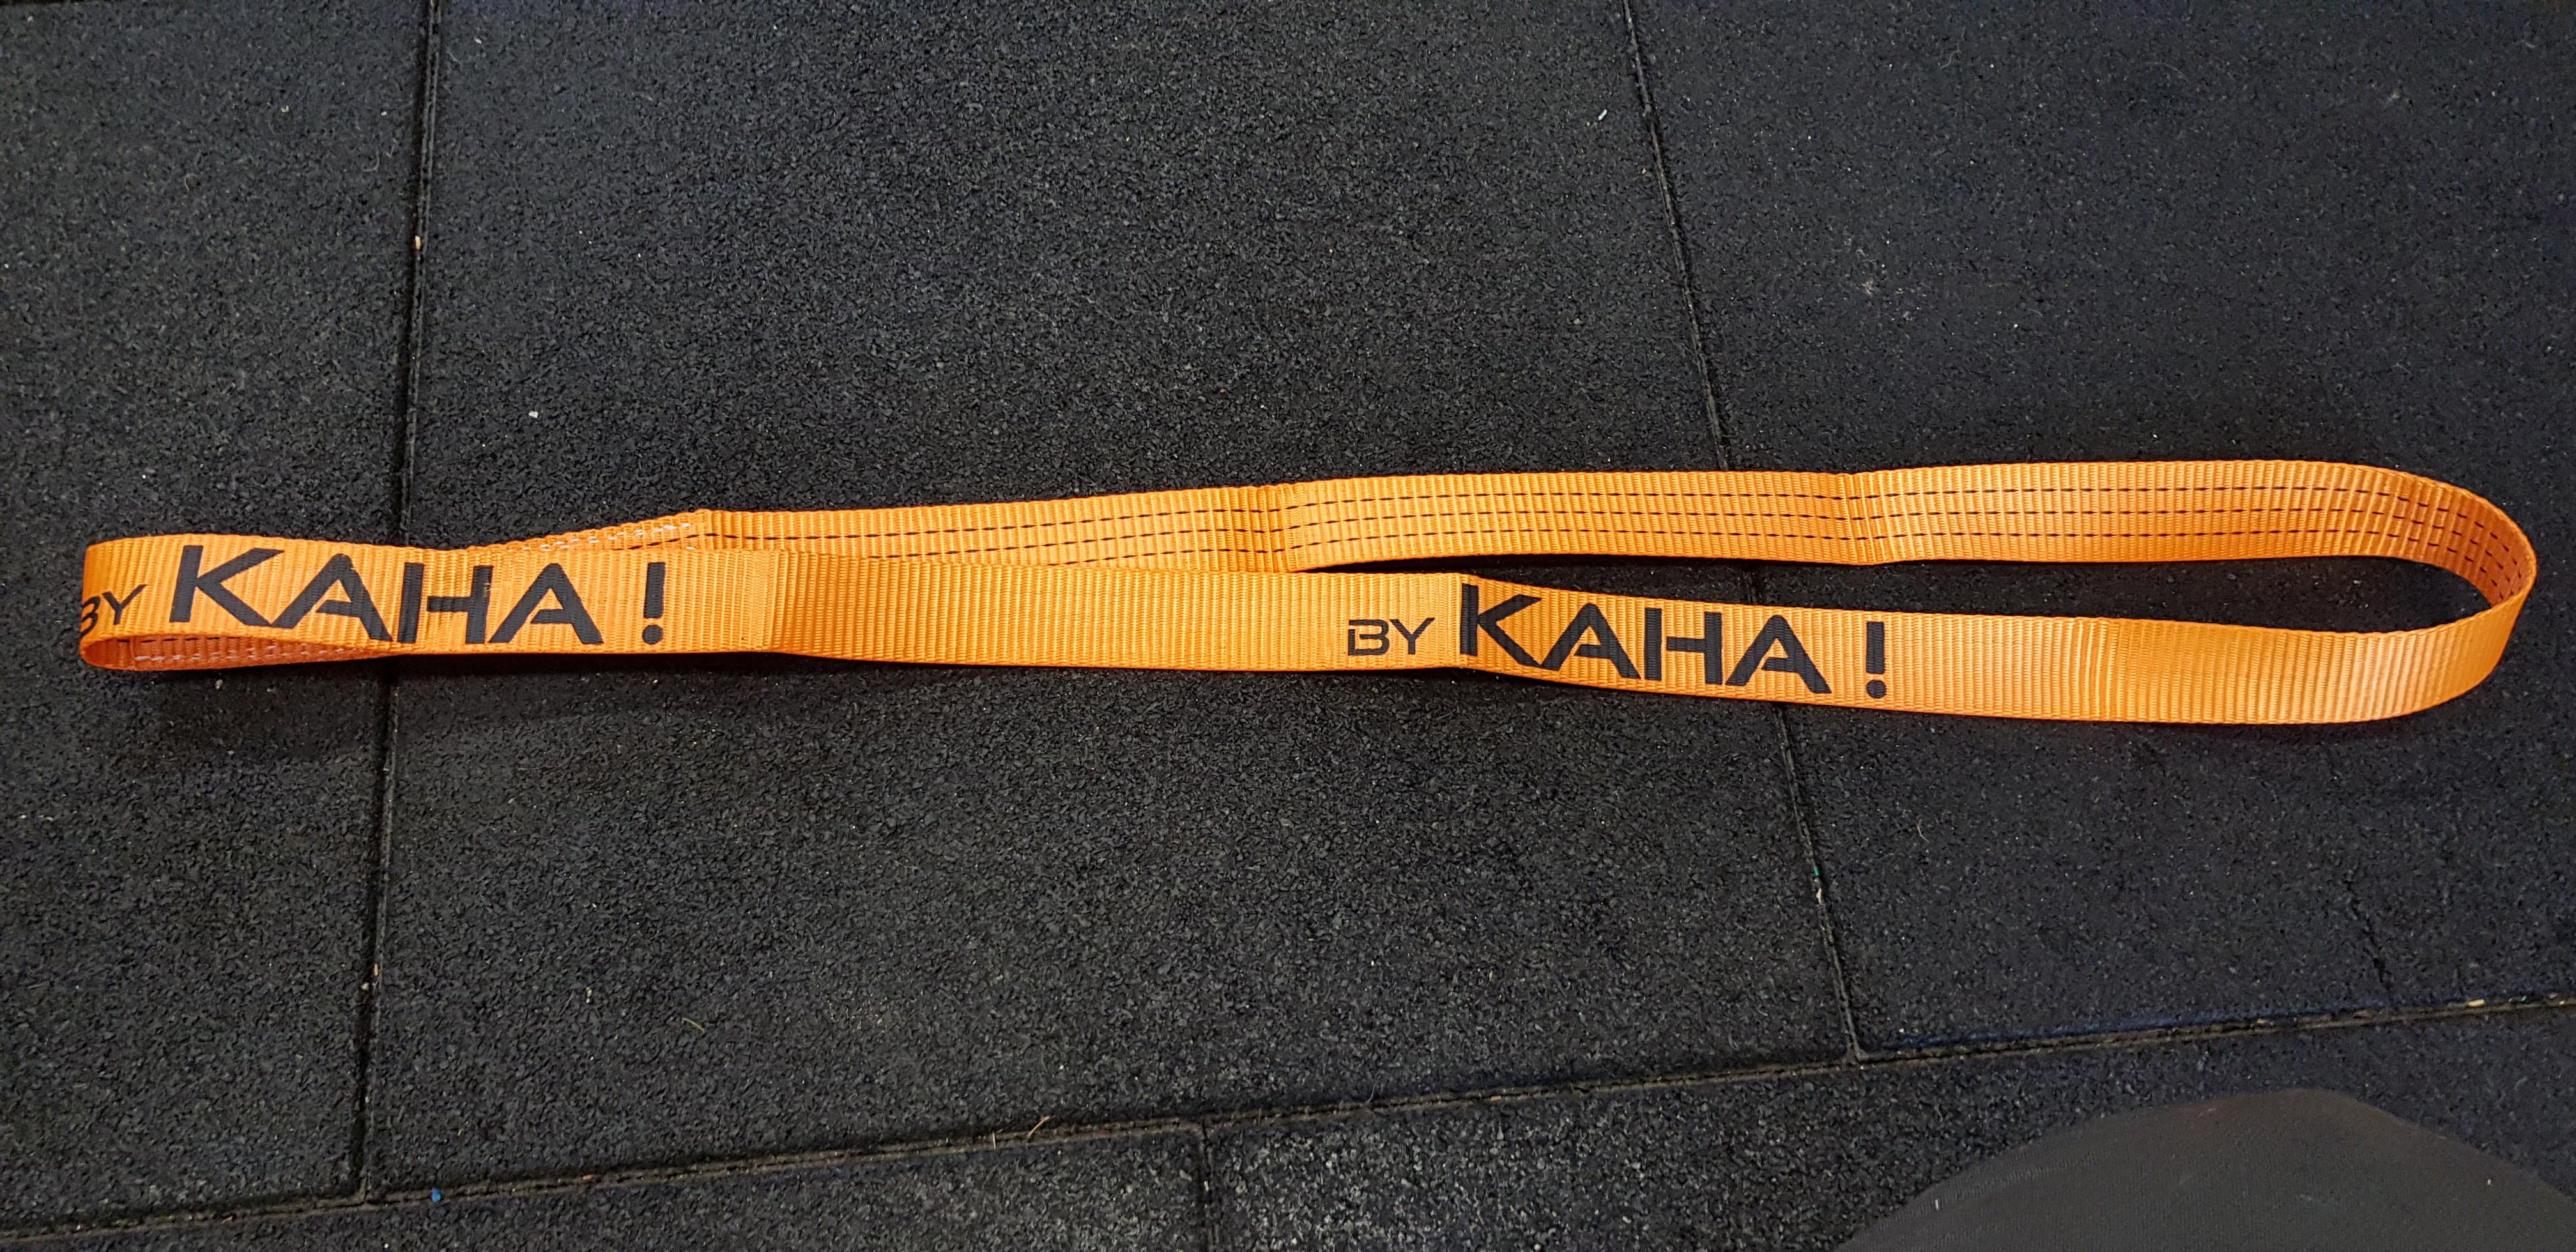 Sangle fermée longueur 90cm, largeur 38mm, idéal pour suspendre vos agrès rapidement (corde longue, corde courte, anneau…) sur une poutre ou une branche. Charge maxi 100kg. Ne risque pas de s'ouvrir, idéal pour usage intensif. Pour course à obstacles, course type OCR, parcours d'obstacles indoor de type Ninja Warrior